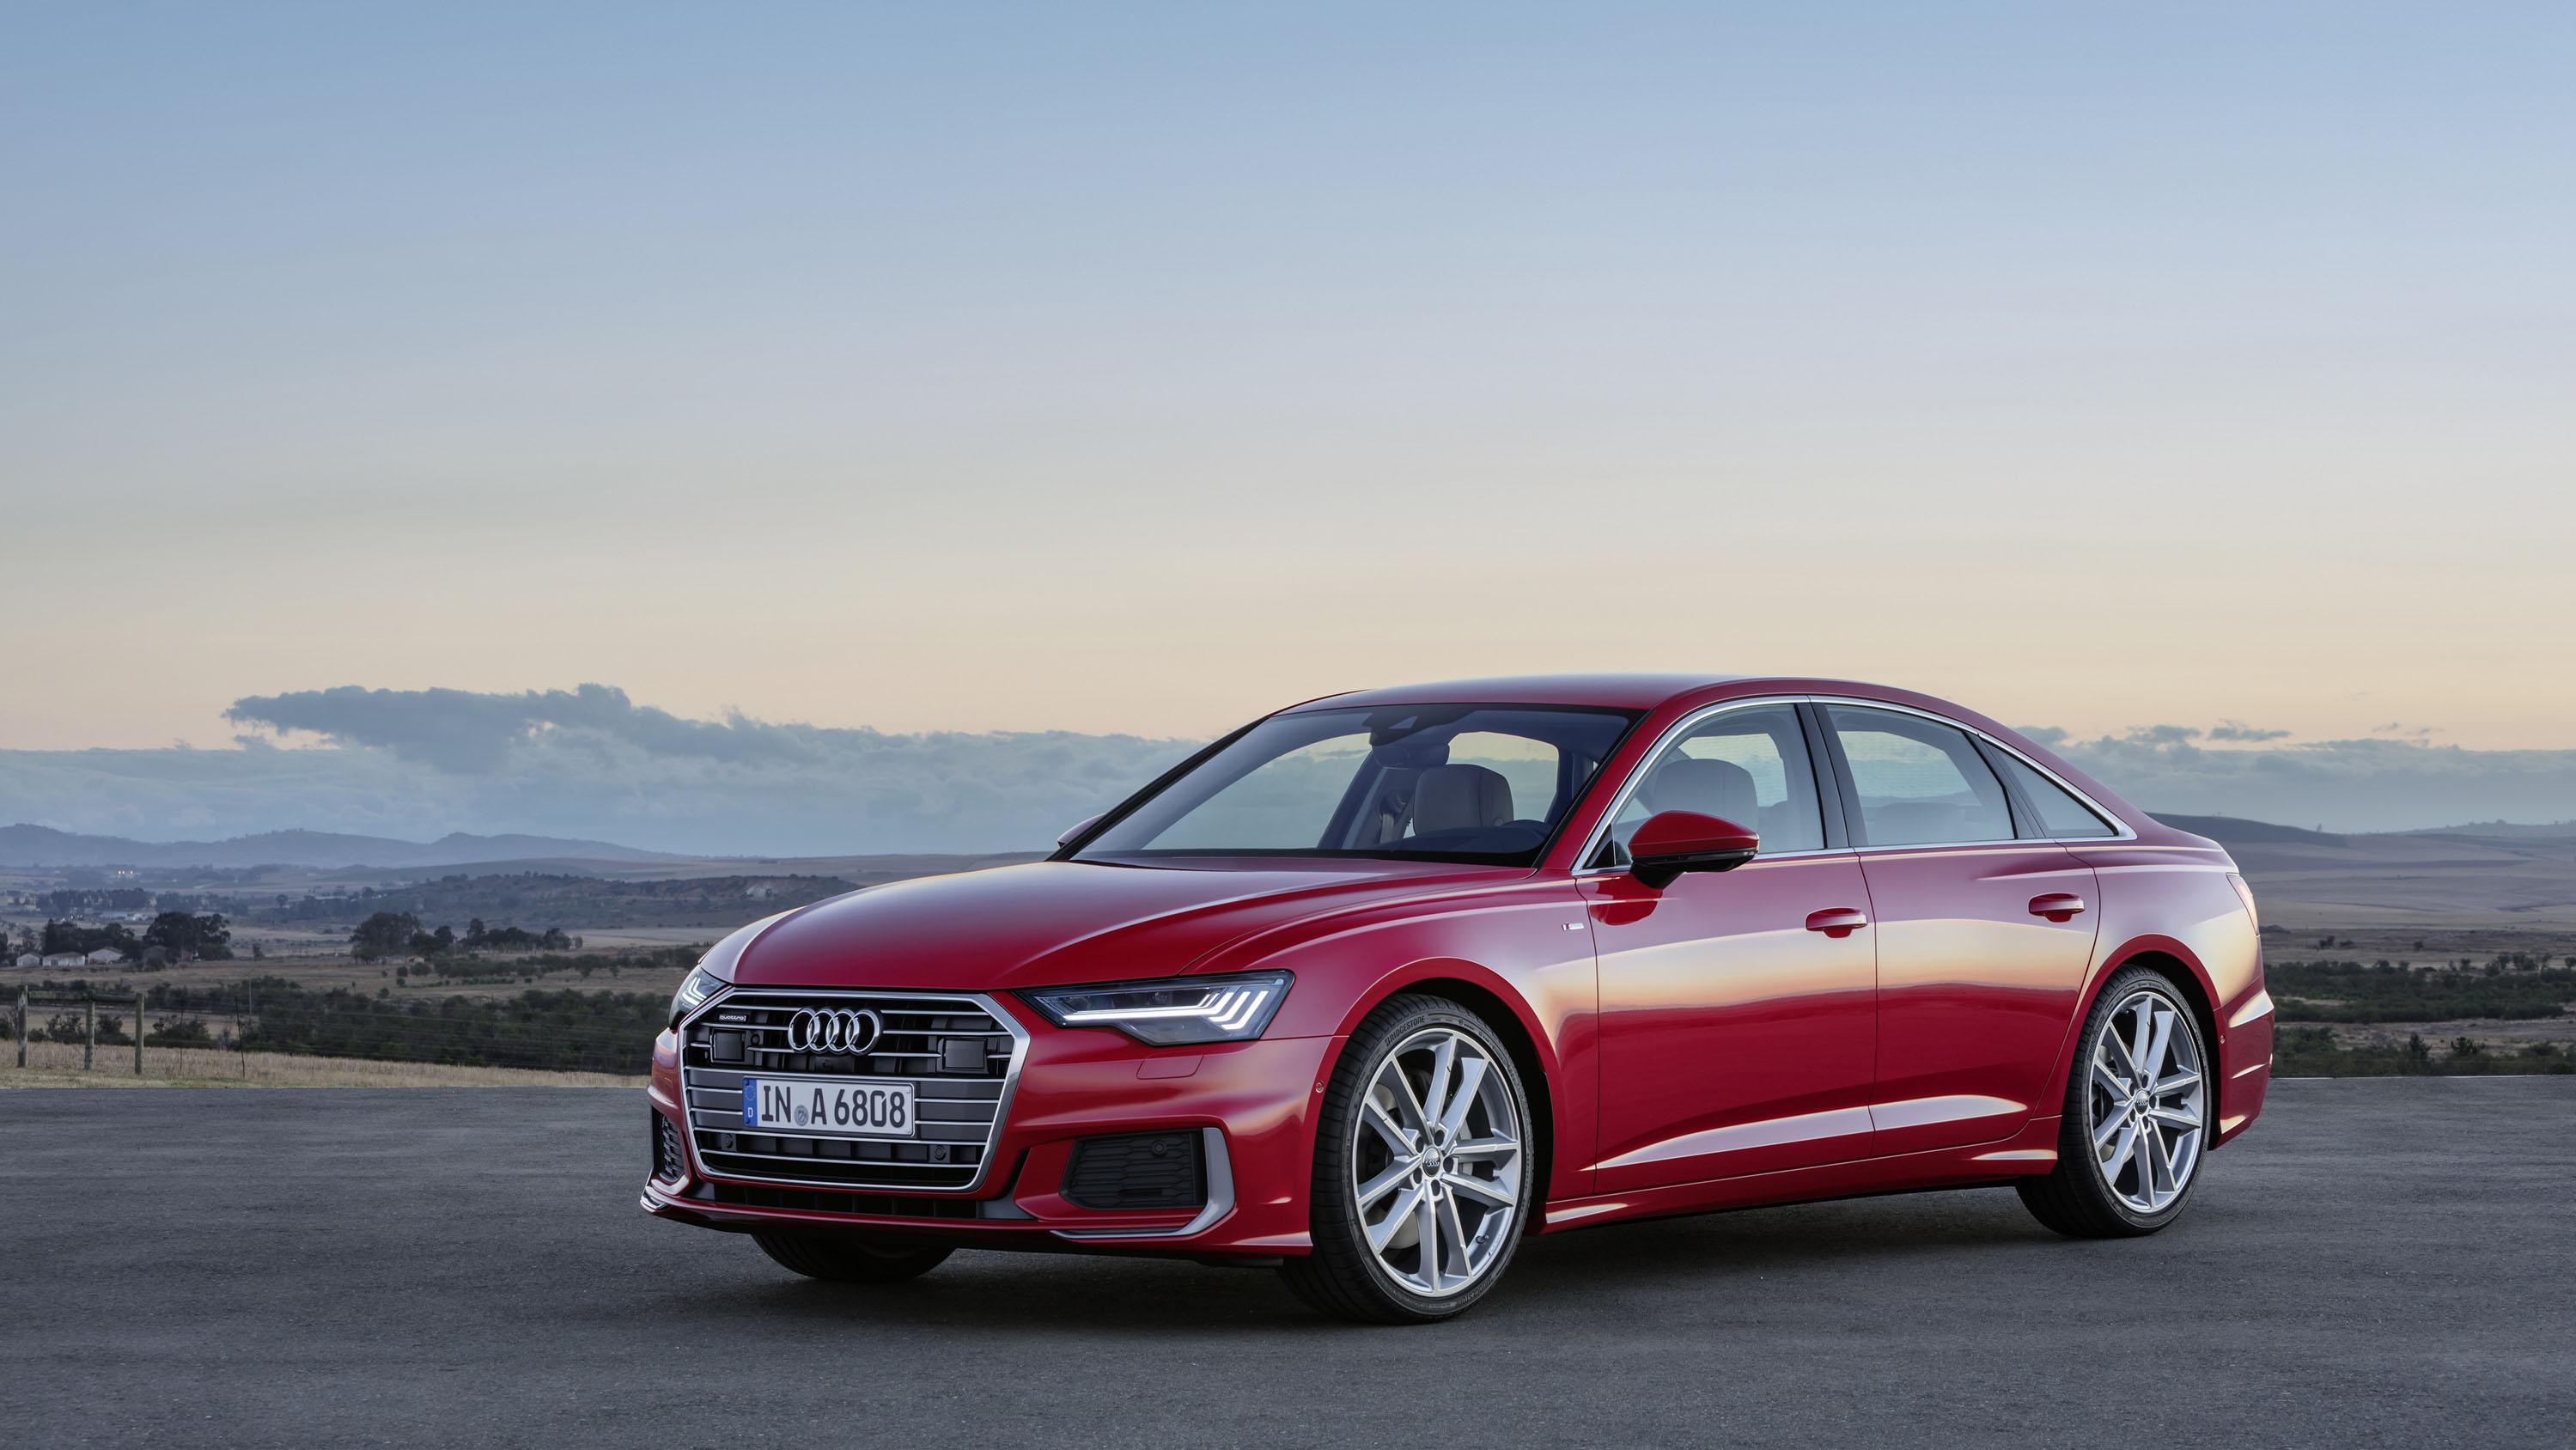 2019 Audi A6 The Digital Luxury Sedan